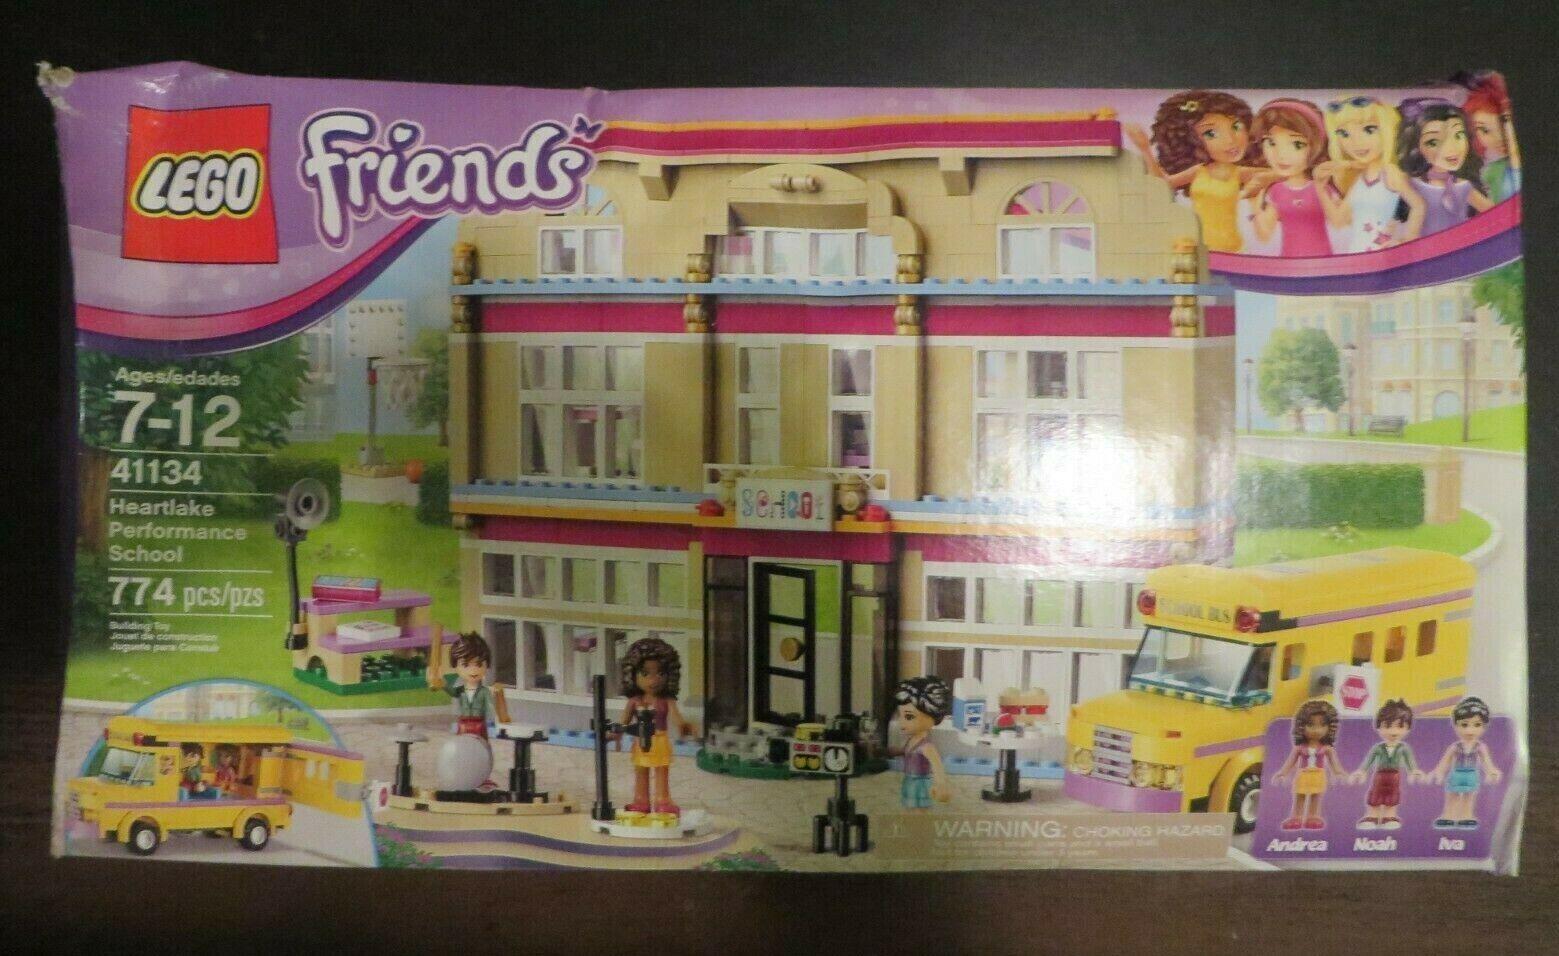 Lego 41134 - Friends - Heartlake Performance School - NISB - Damaged Box